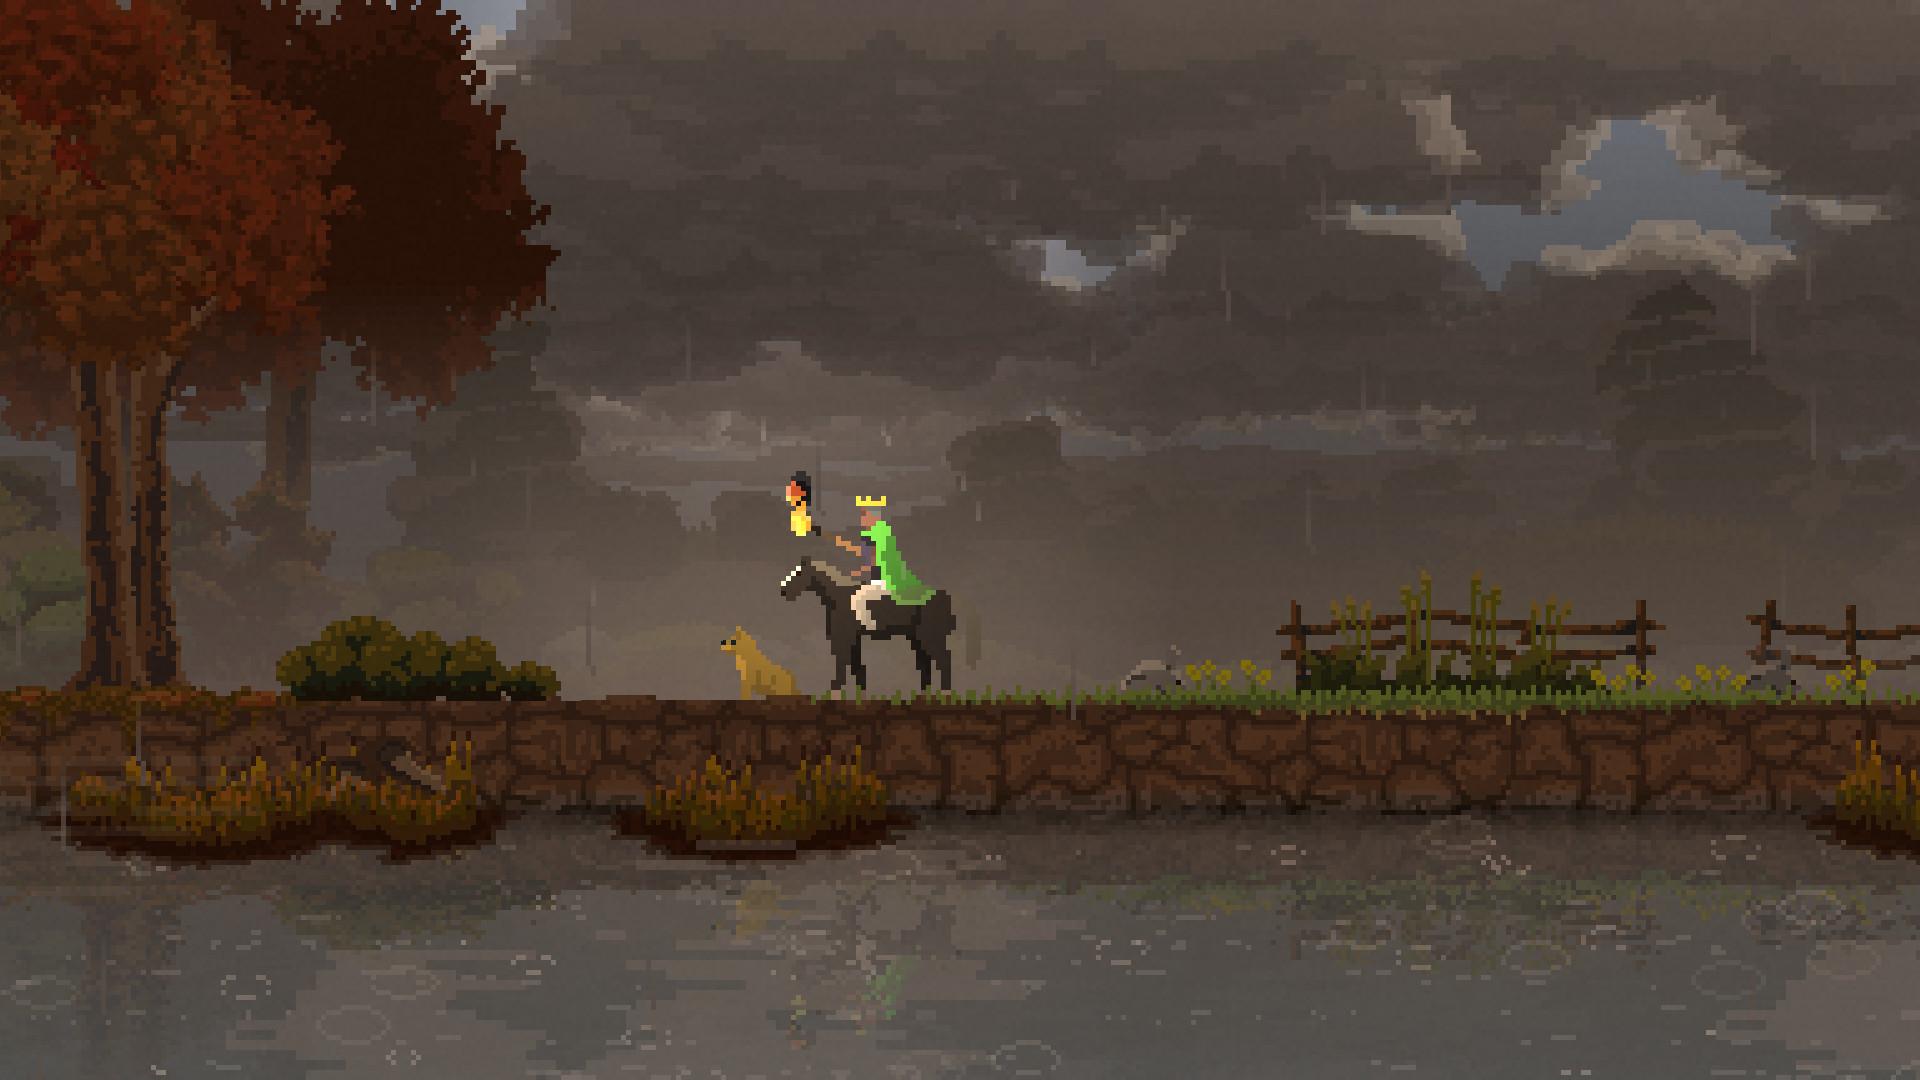 Seven kingdoms 2 hd (2015) скачать через торрент игру.